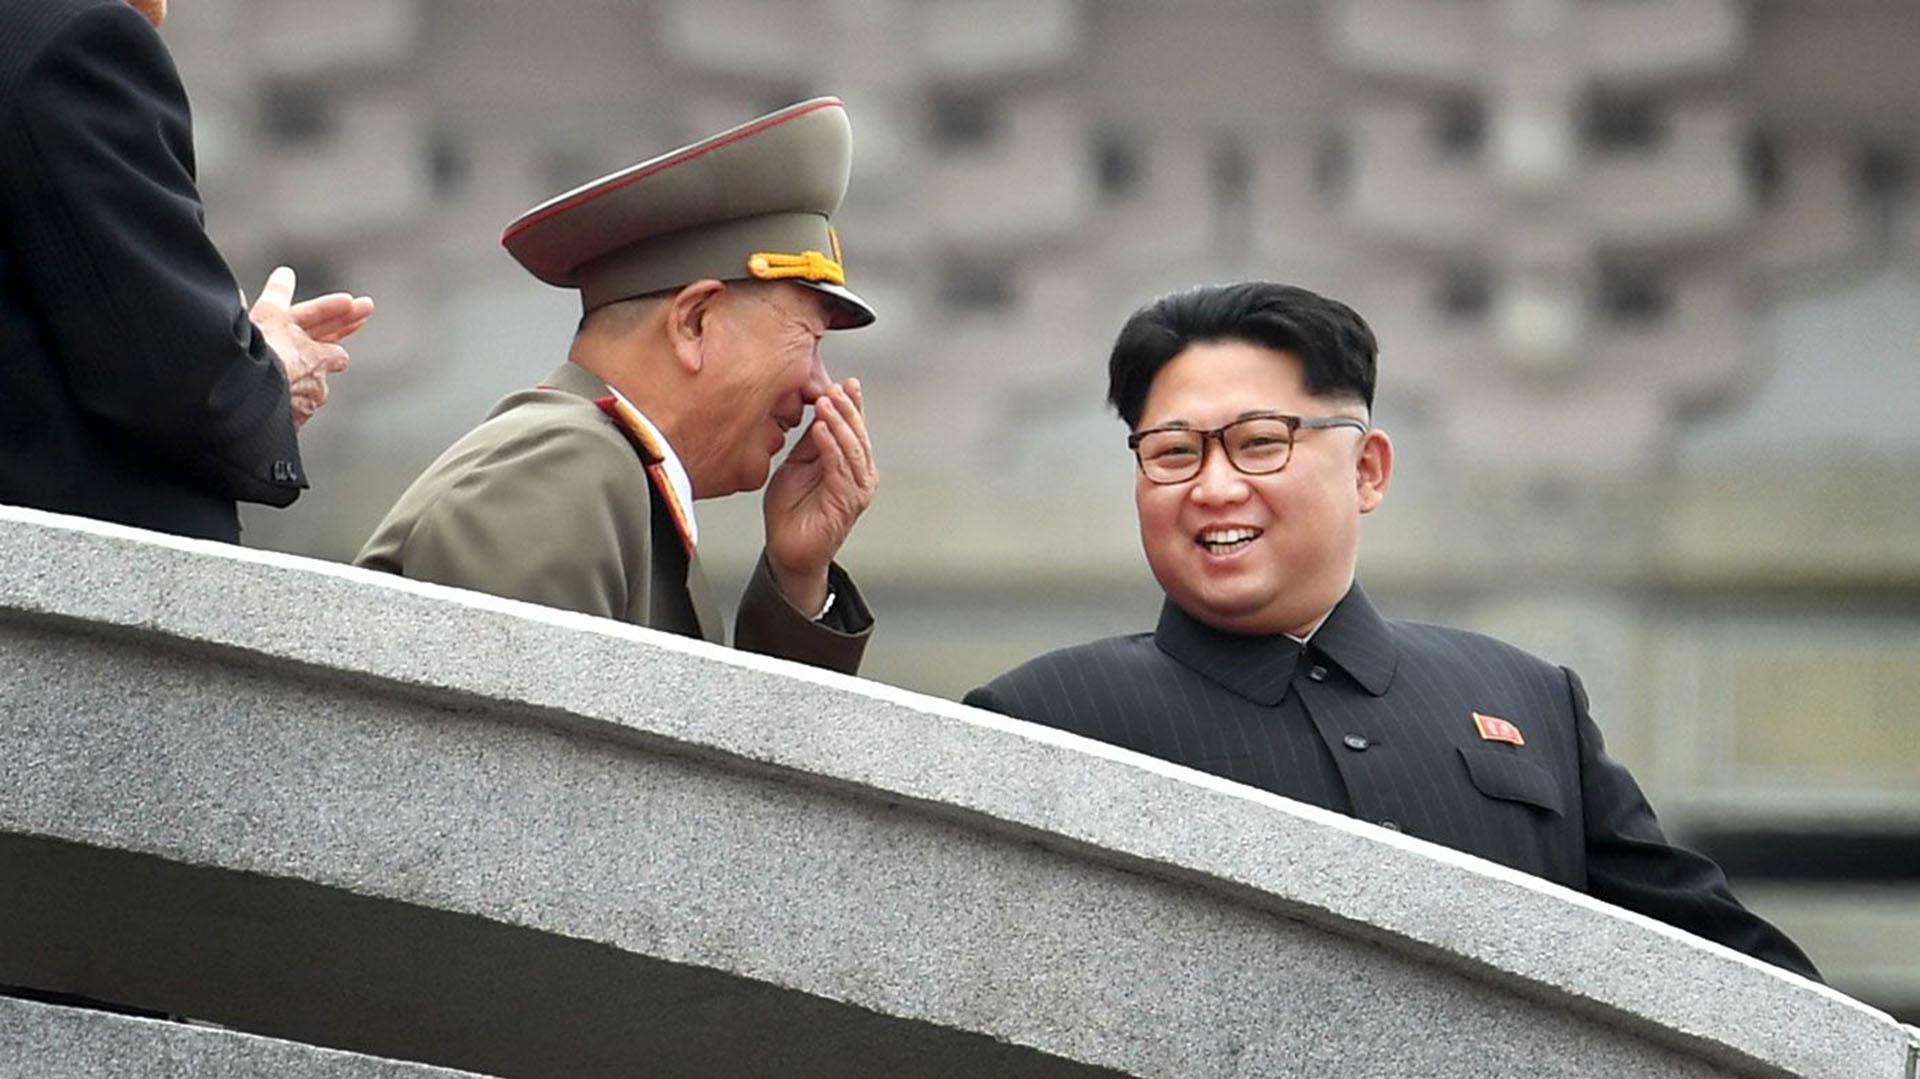 """""""¿Escuchó lo que dijo Trump? ¿Que su botón nuclear es más grande y…"""" el Ministro de Guerra no alcanzó a terminar, que el líder coreano le retrucó """"¿Así que te parece muy gracioso? En el próximo misil que lance te meto adentro a ver si te reís tanto""""."""